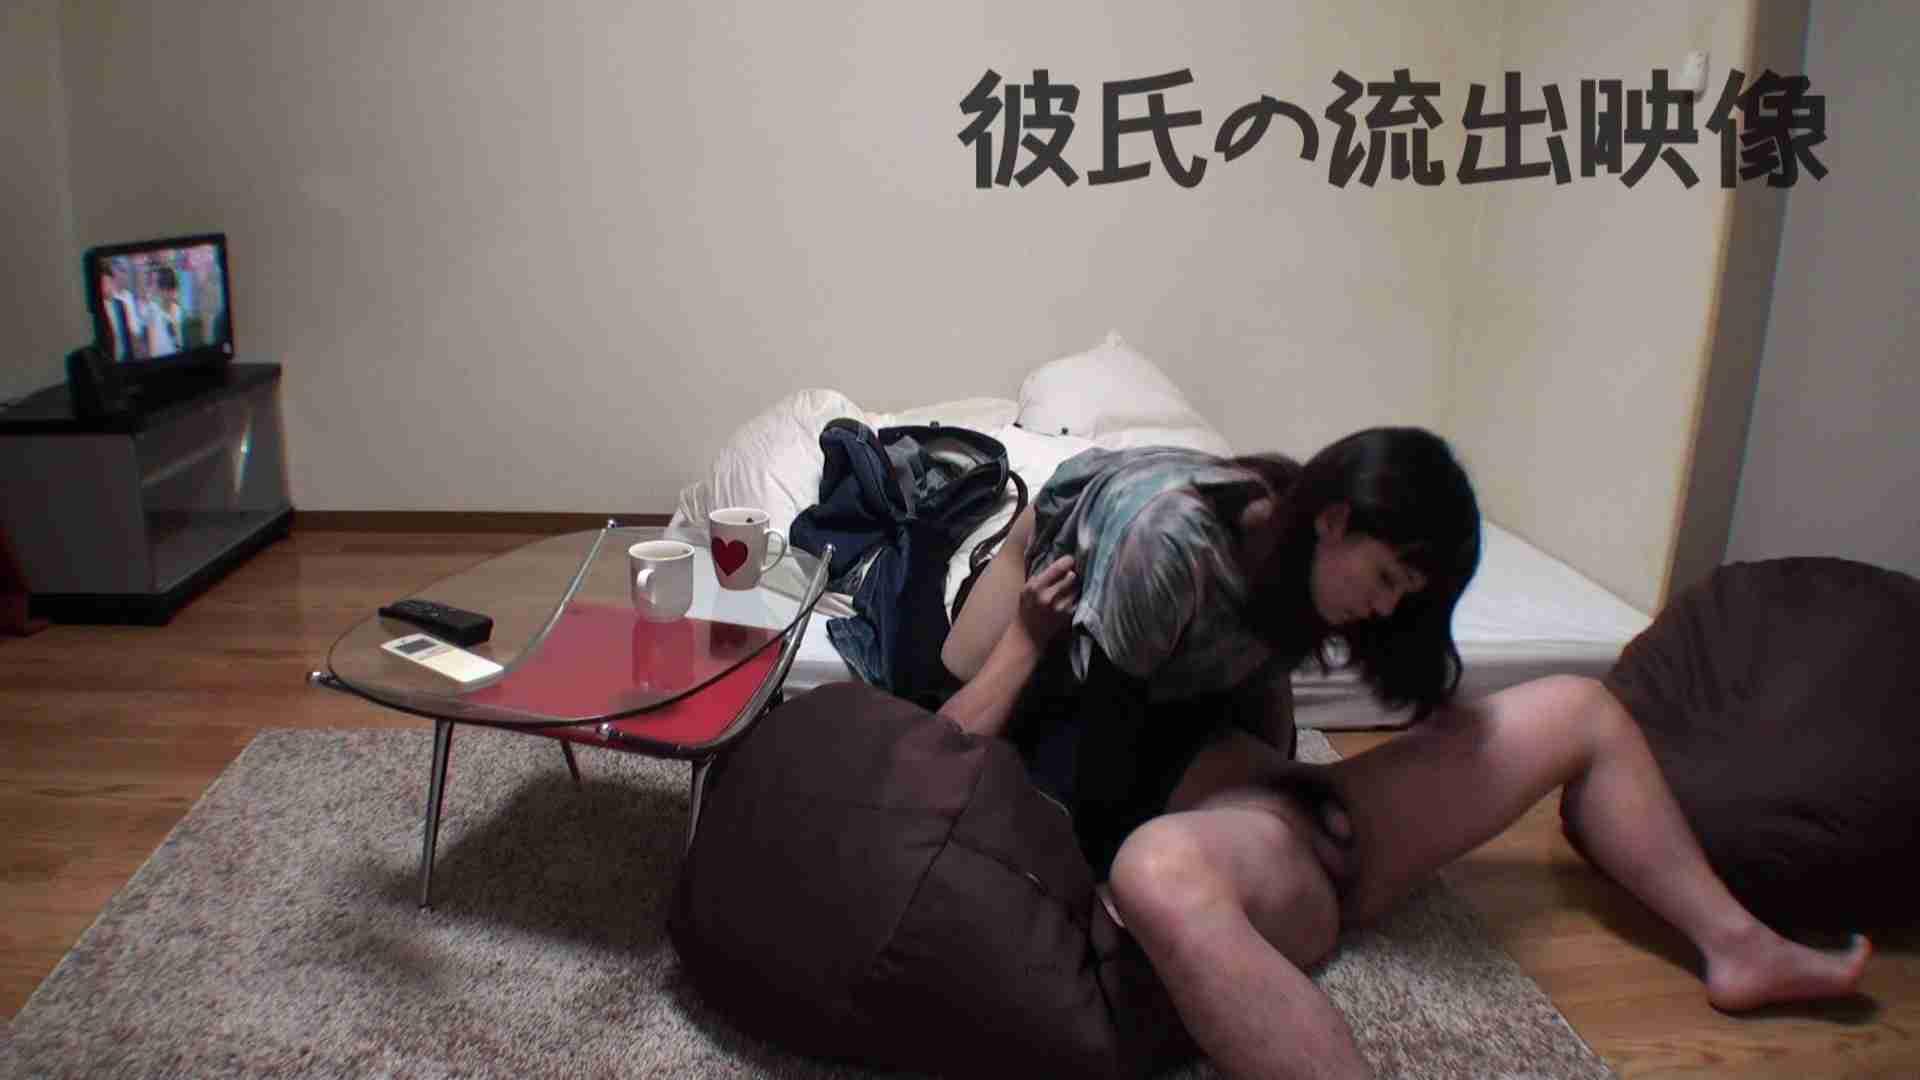 彼氏が流出 パイパン素人嬢のハメ撮り映像02 カップル セックス画像 46pic 23